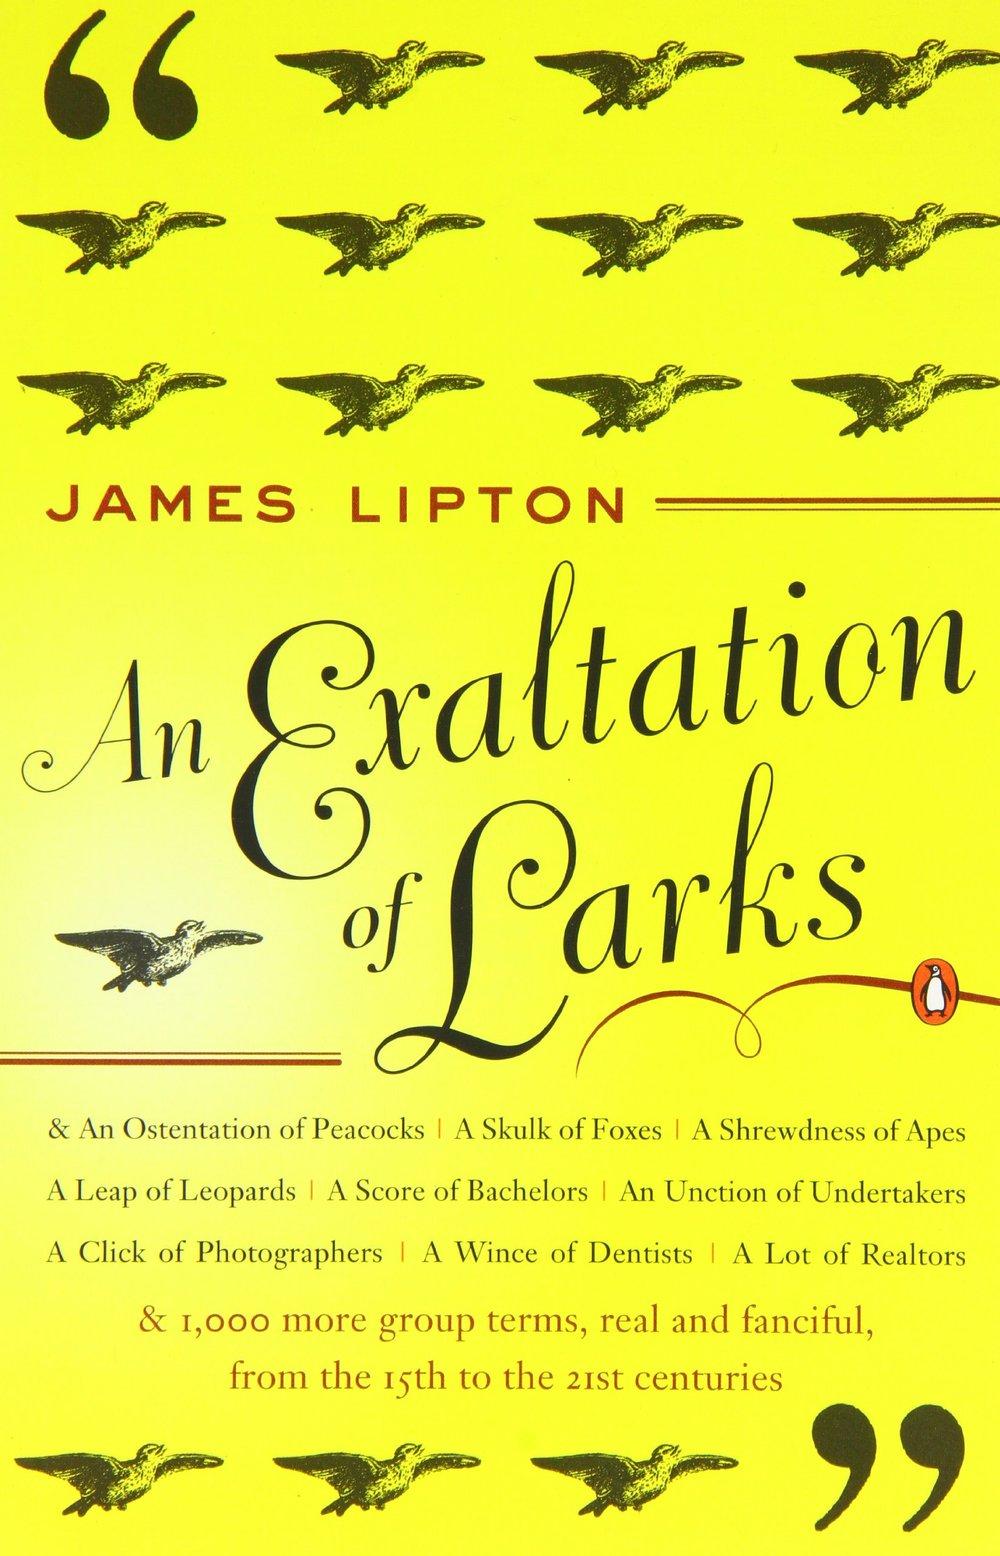 Exaltation of Larks.jpg